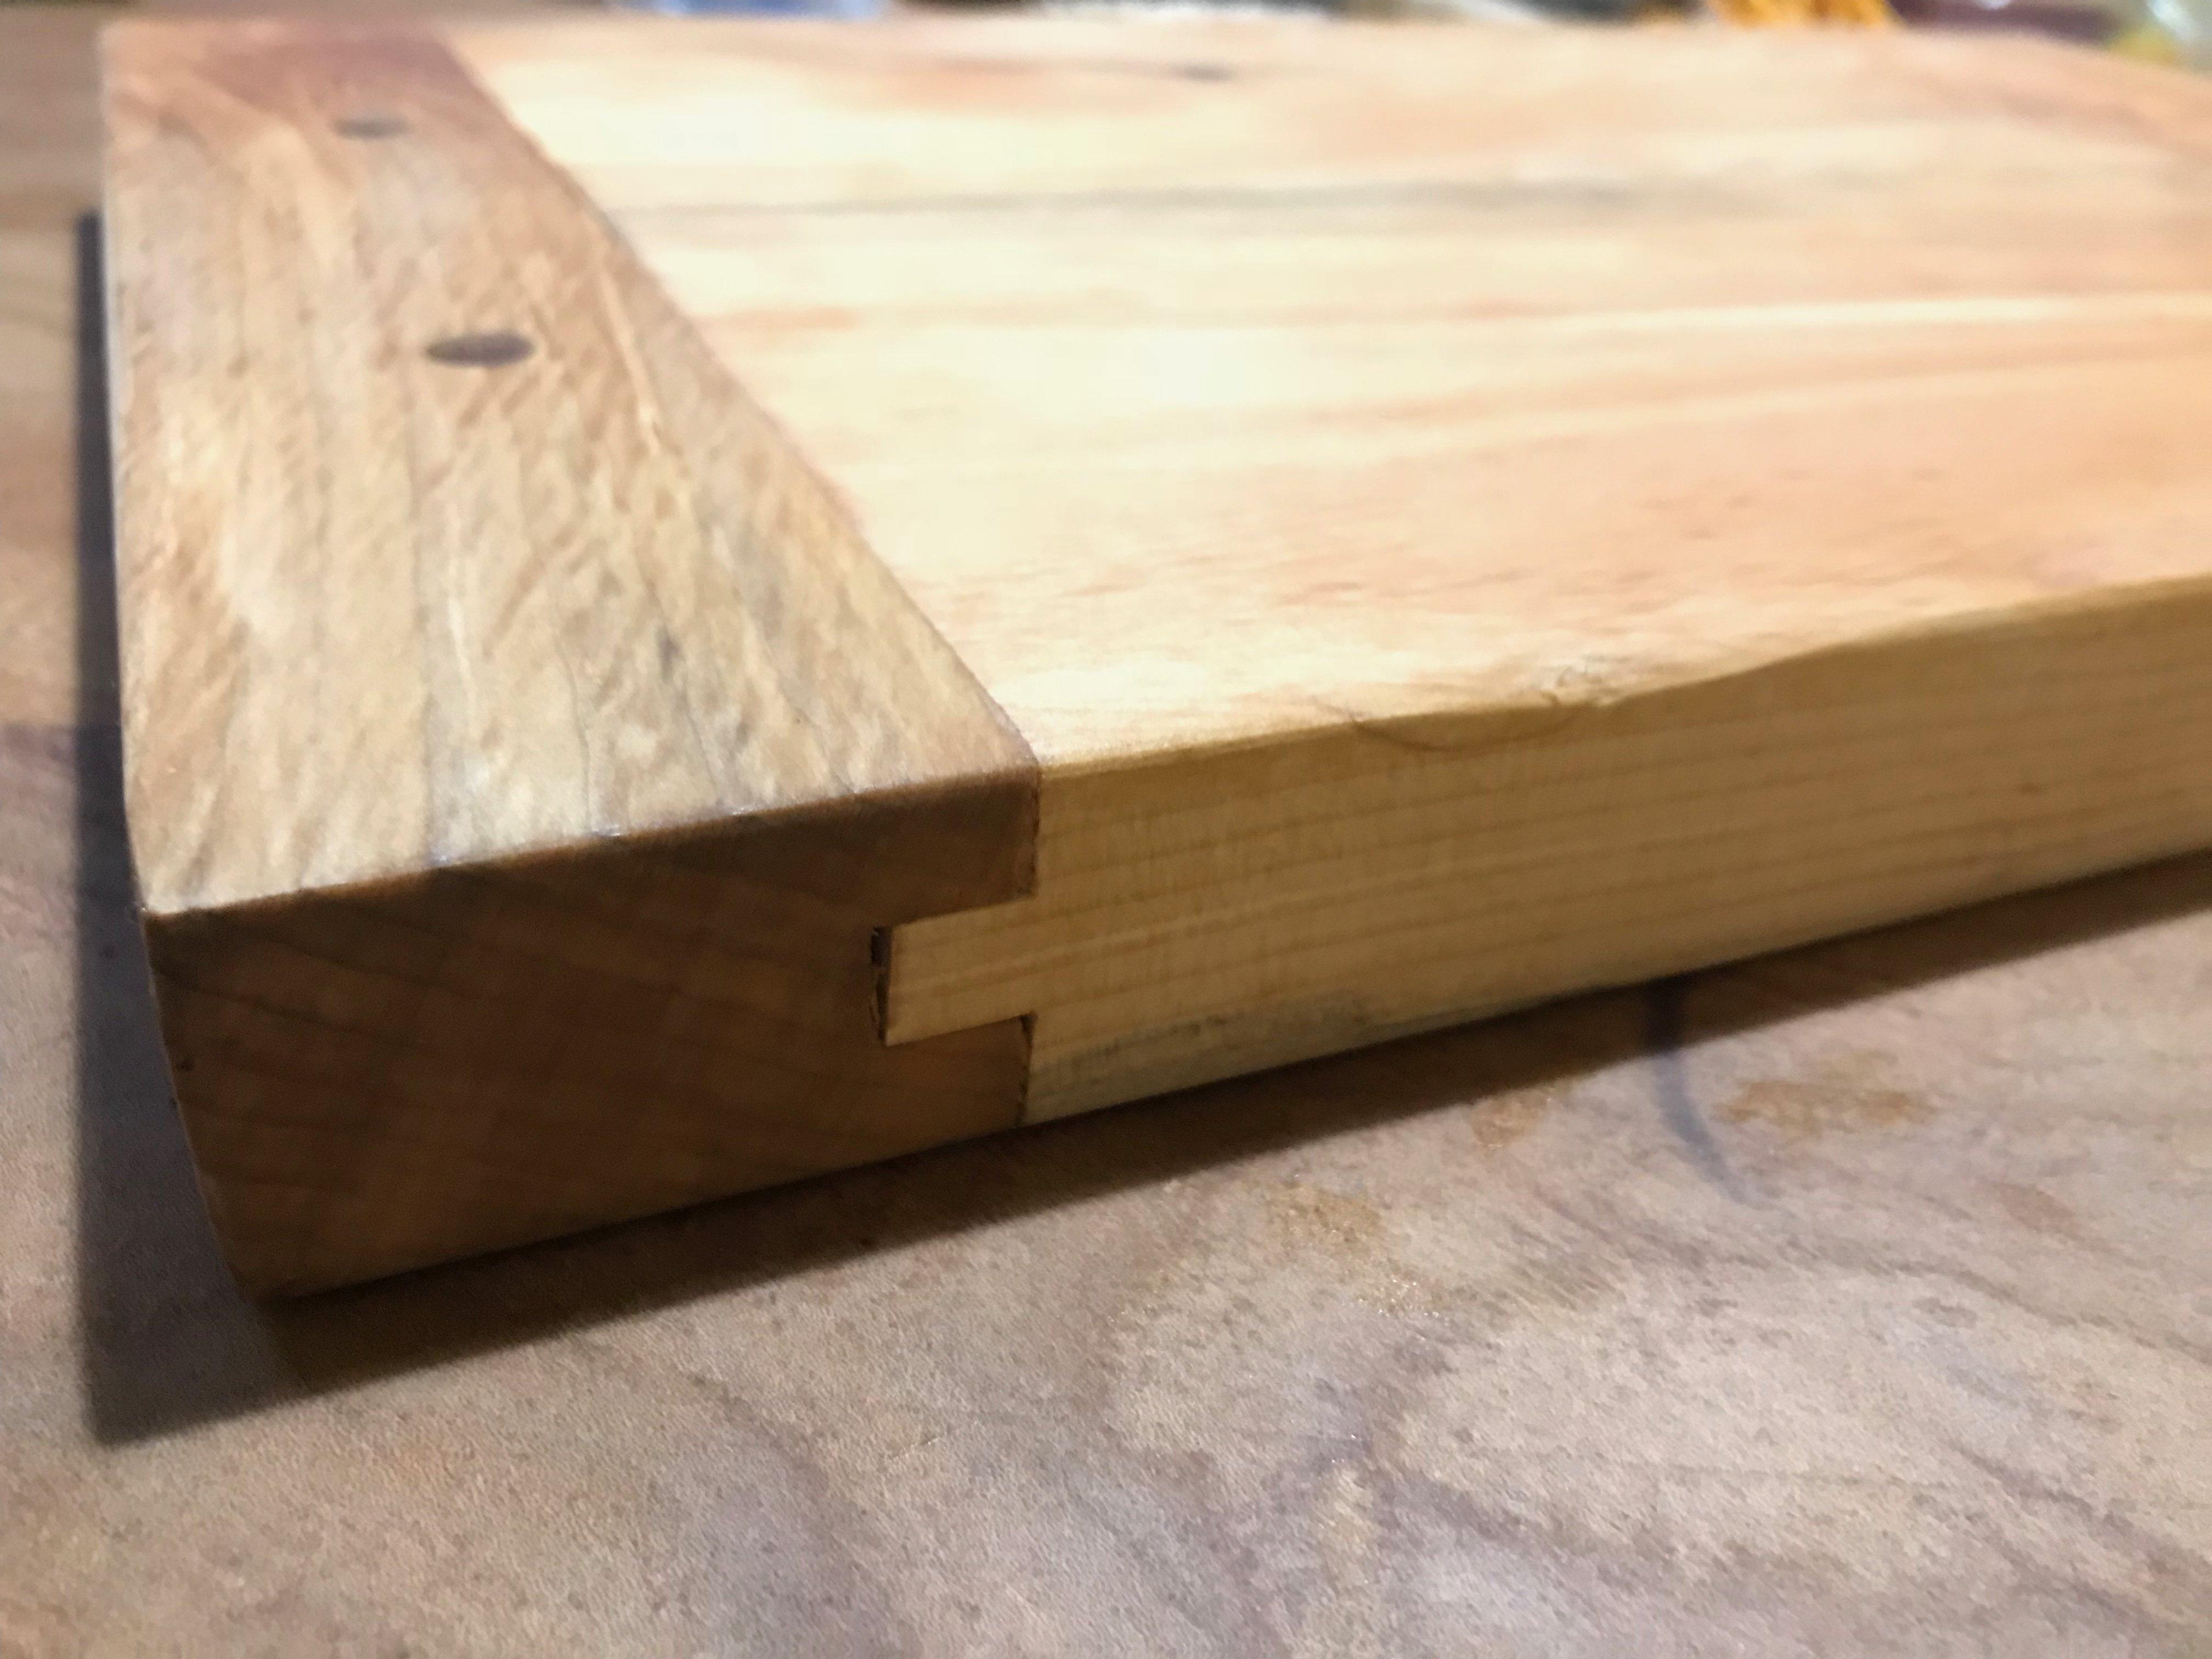 Breadboard-end Cutting Board by George Harris